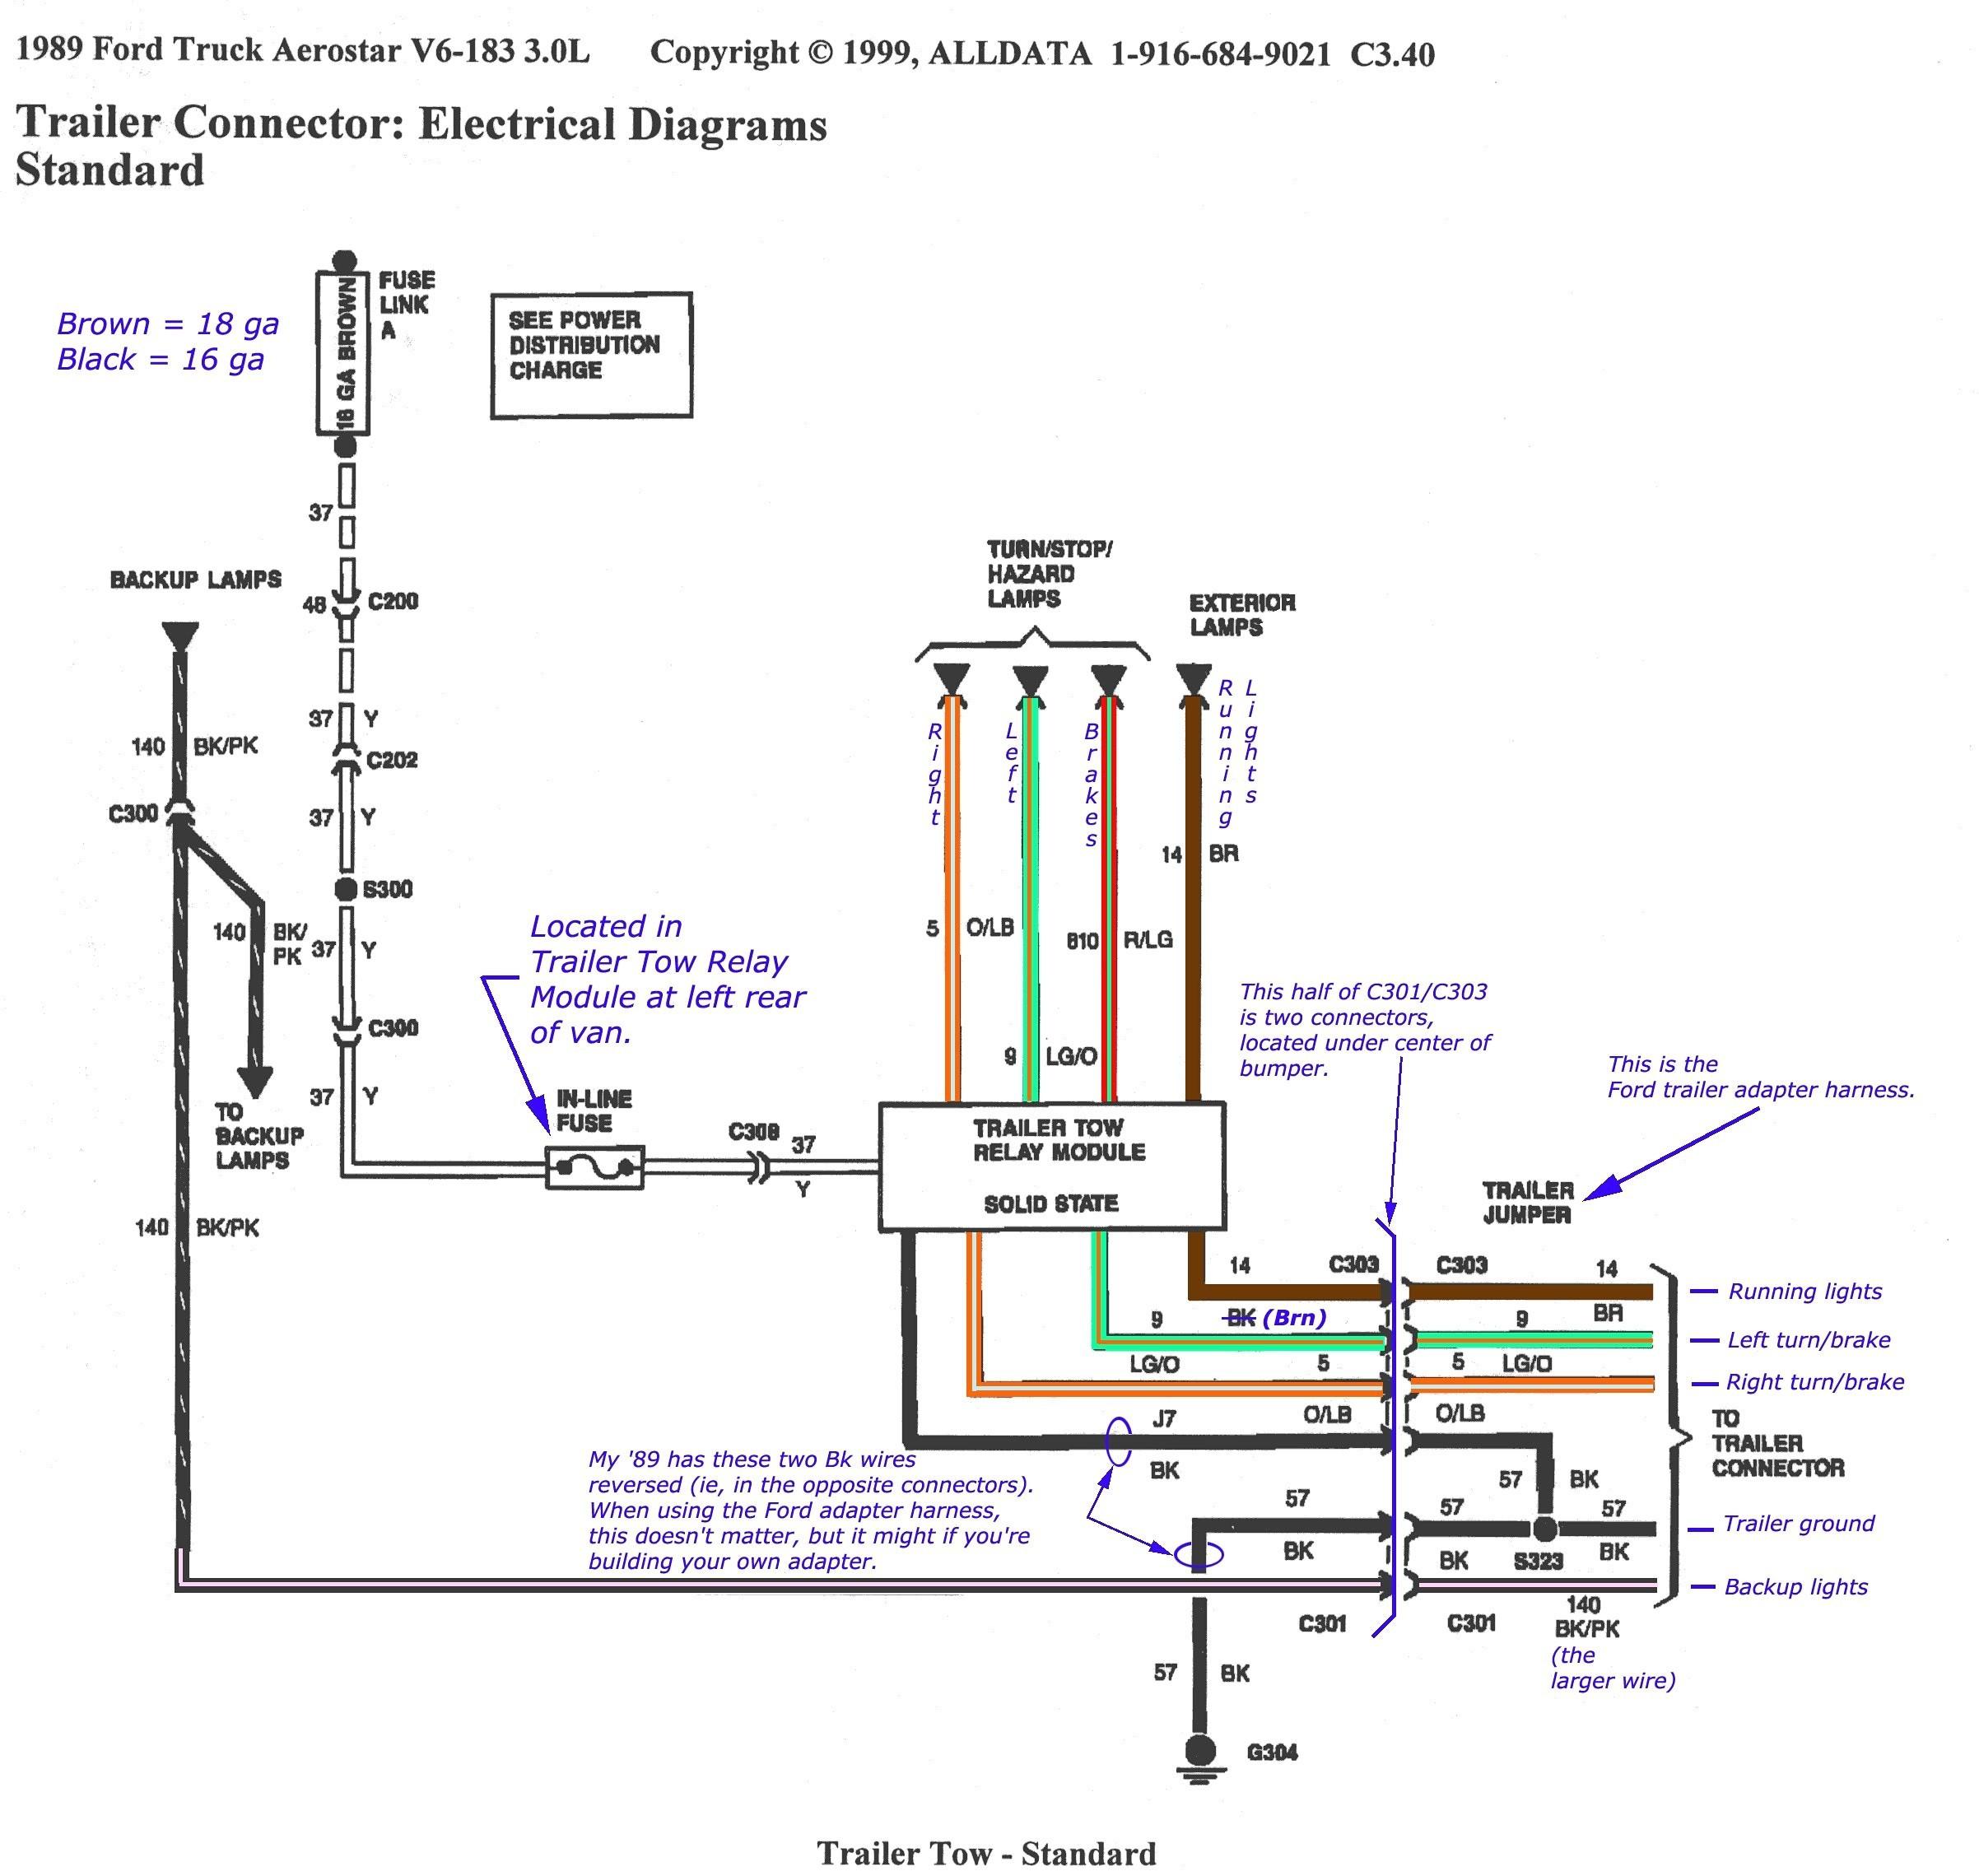 1997 ford F150 Wiring Diagram 97 F150 Trailer Wiring Diagram Collection Of 1997 ford F150 Wiring Diagram